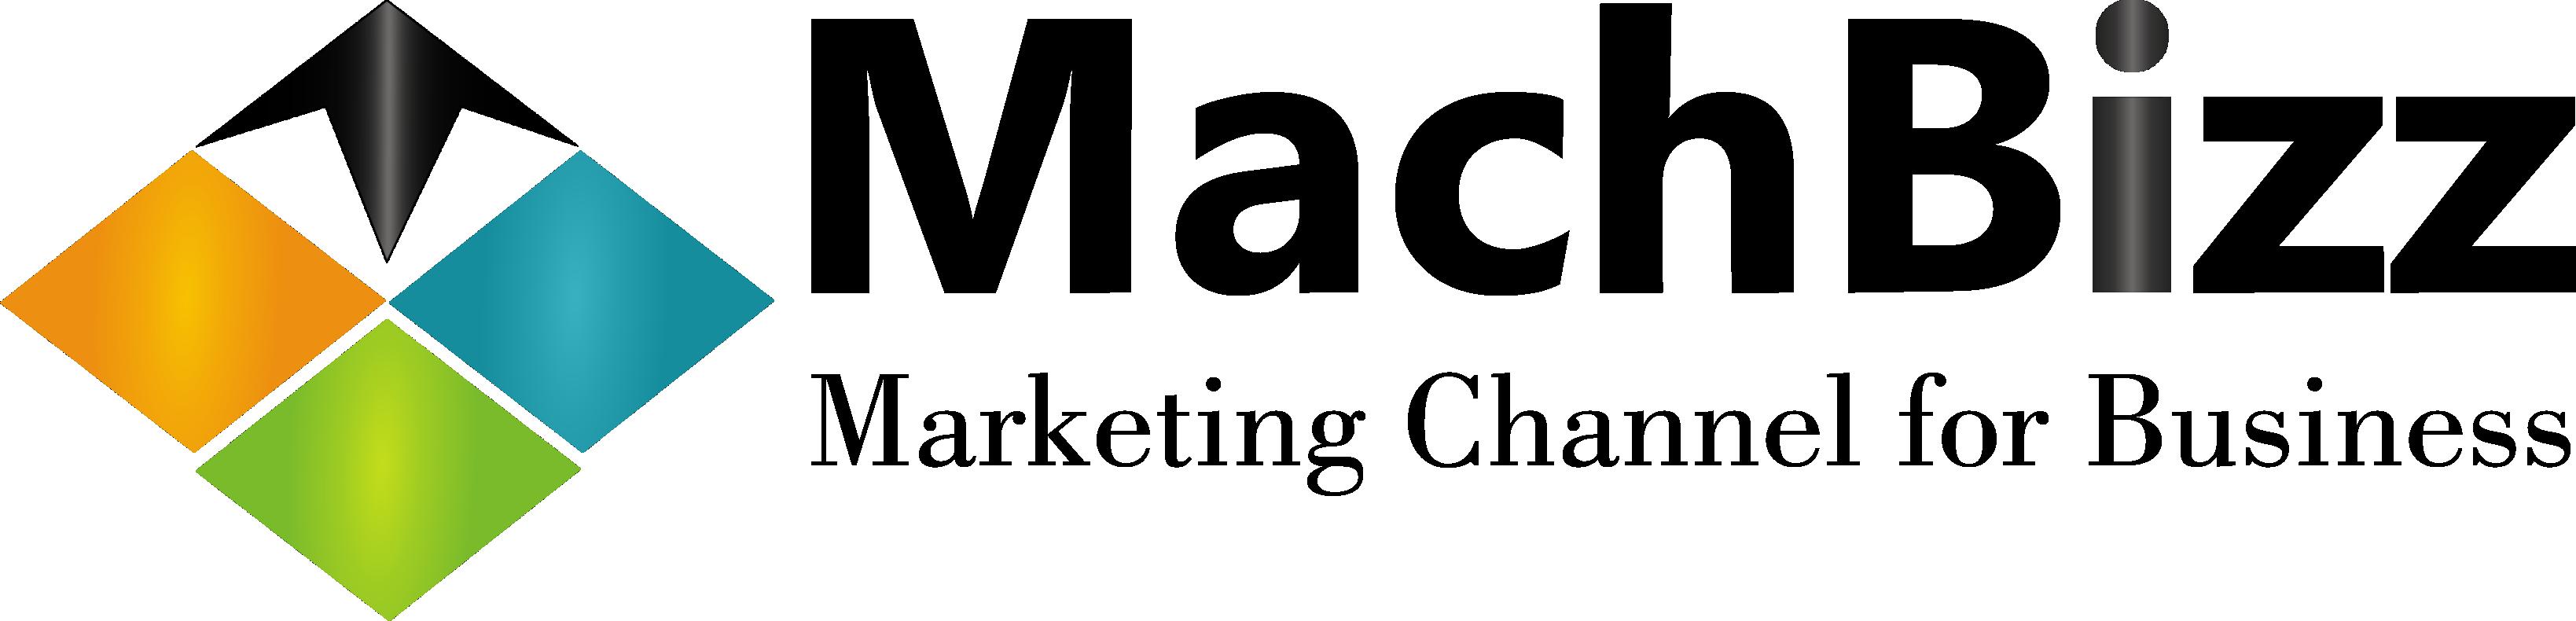 Machbizz Marketers Pvt Ltd Logo